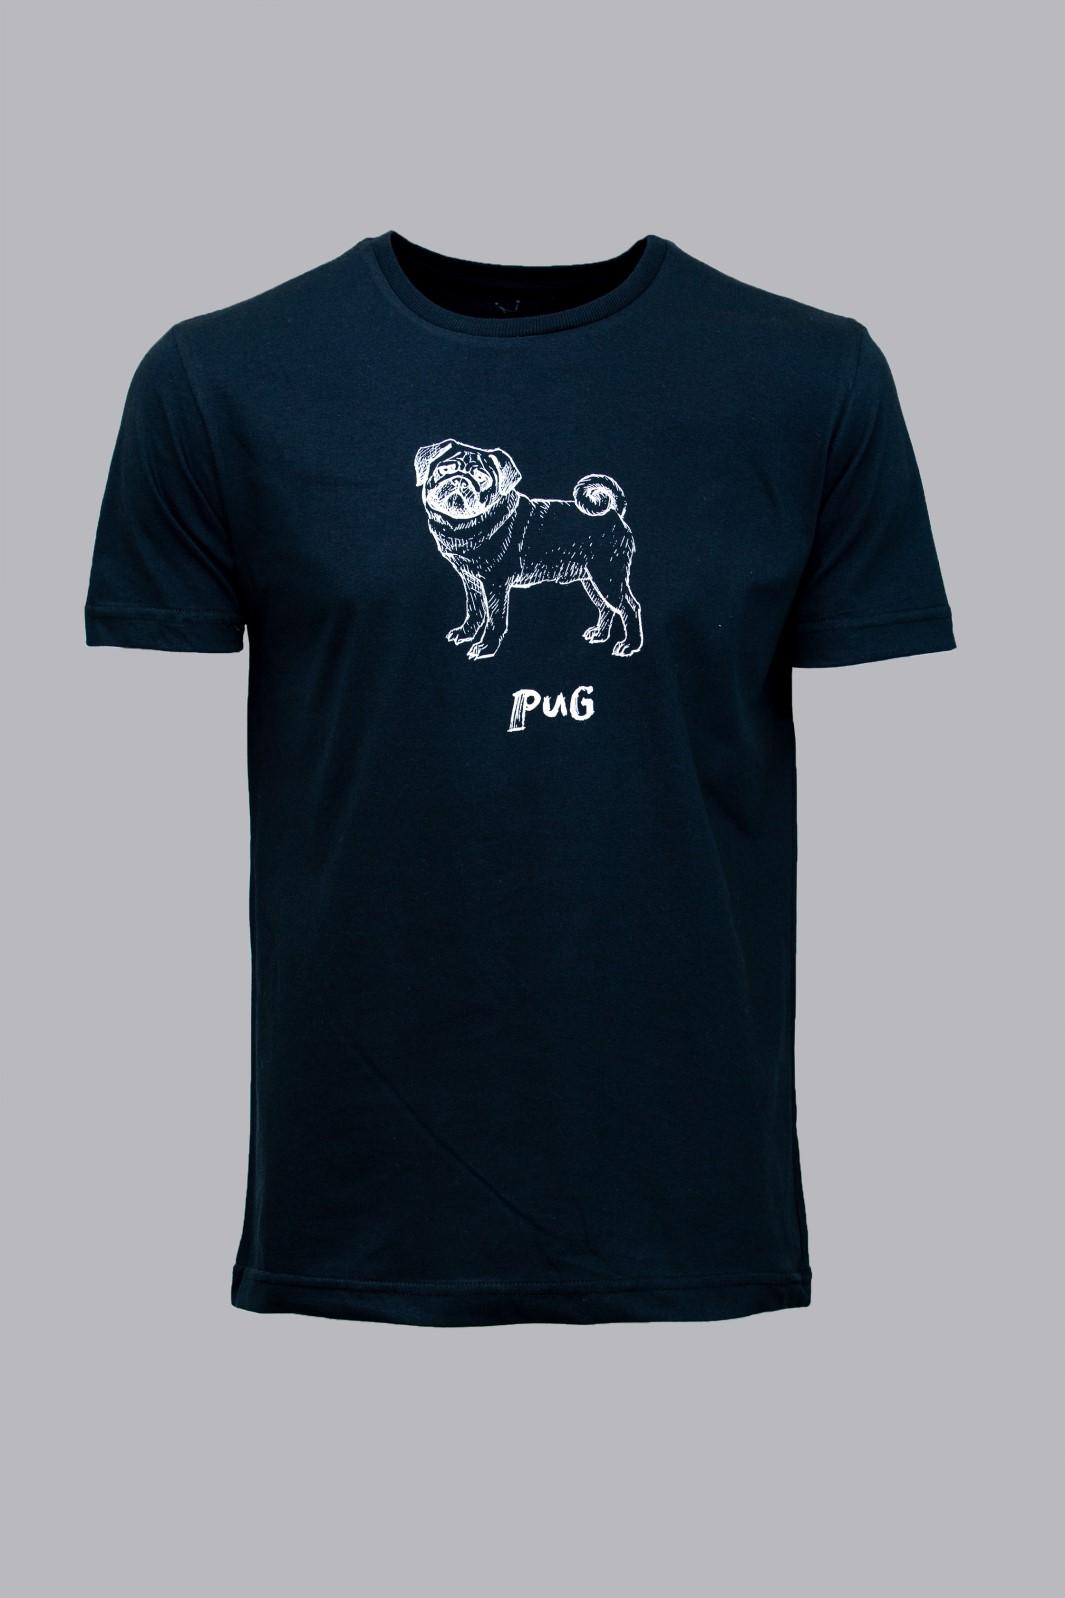 Camiseta CoolWave Pug